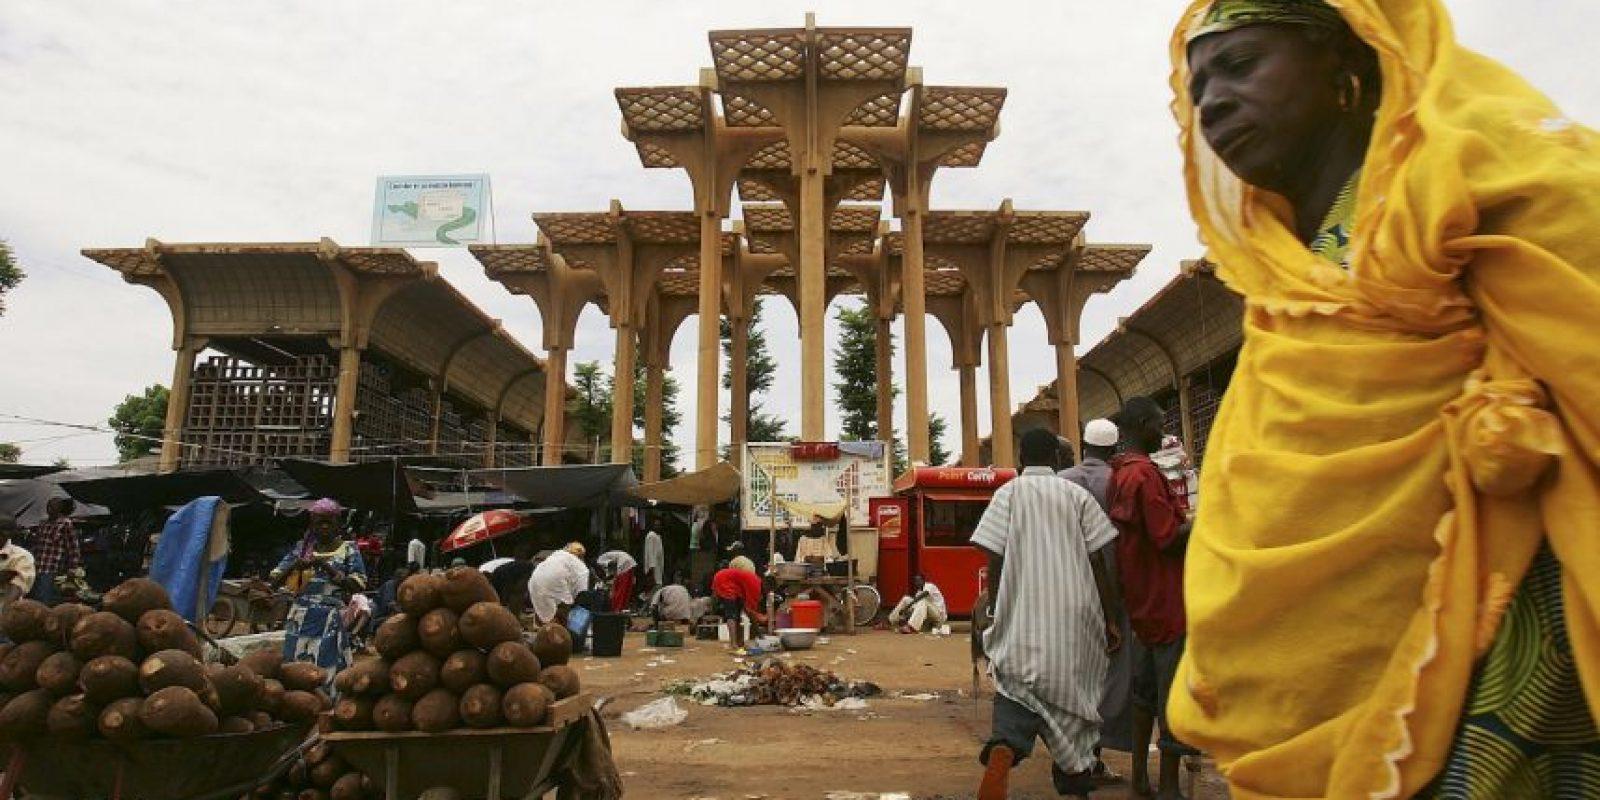 La nueva carta magna entró en vigor después del golpe de estado contra el expresidente Tandja Mamadou. Foto:Getty Images